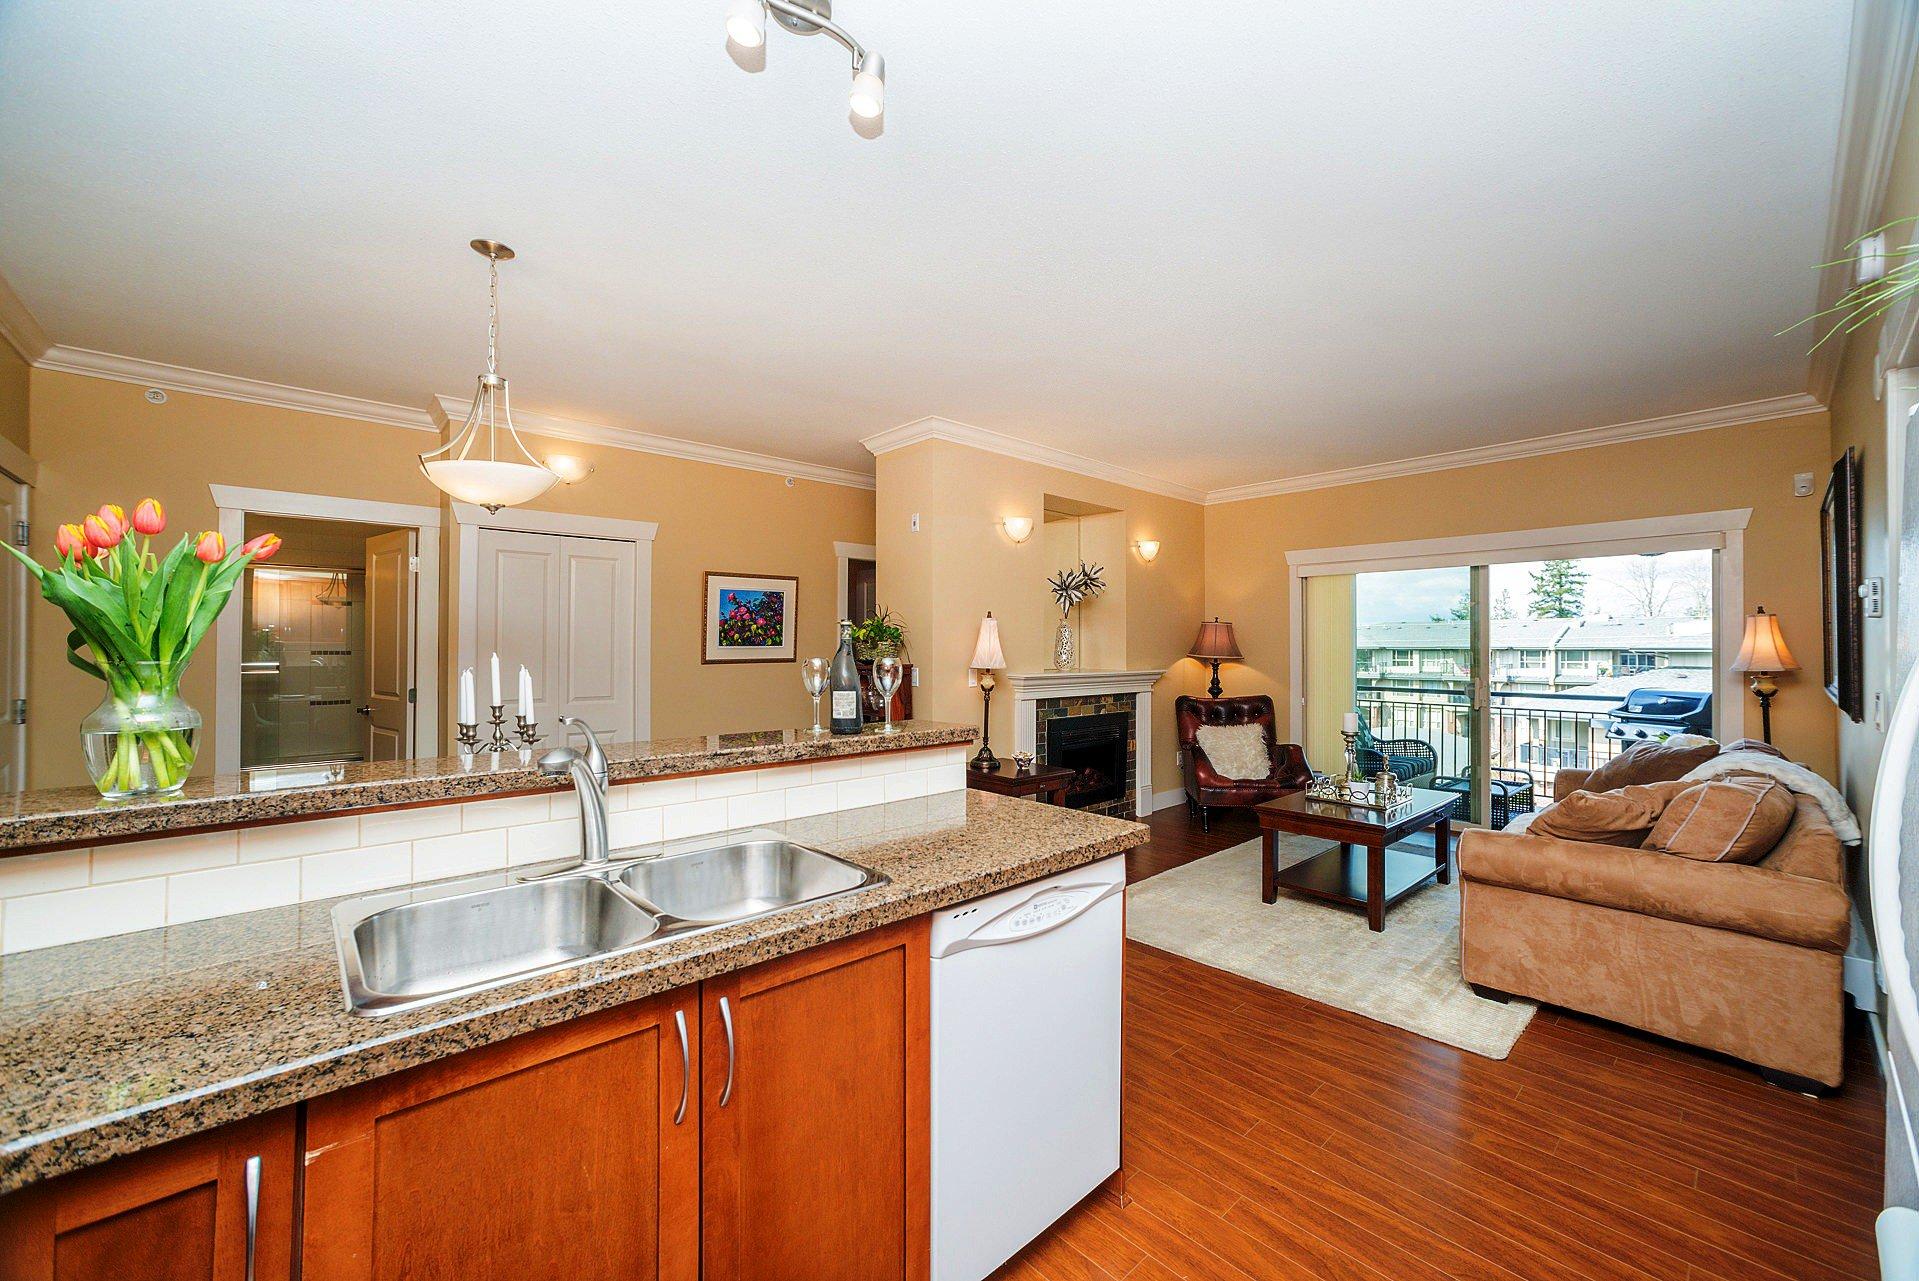 """Photo 9: Photos: 408 15368 17A Avenue in Surrey: King George Corridor Condo for sale in """"OCEAN WYNDE"""" (South Surrey White Rock)  : MLS®# R2249492"""